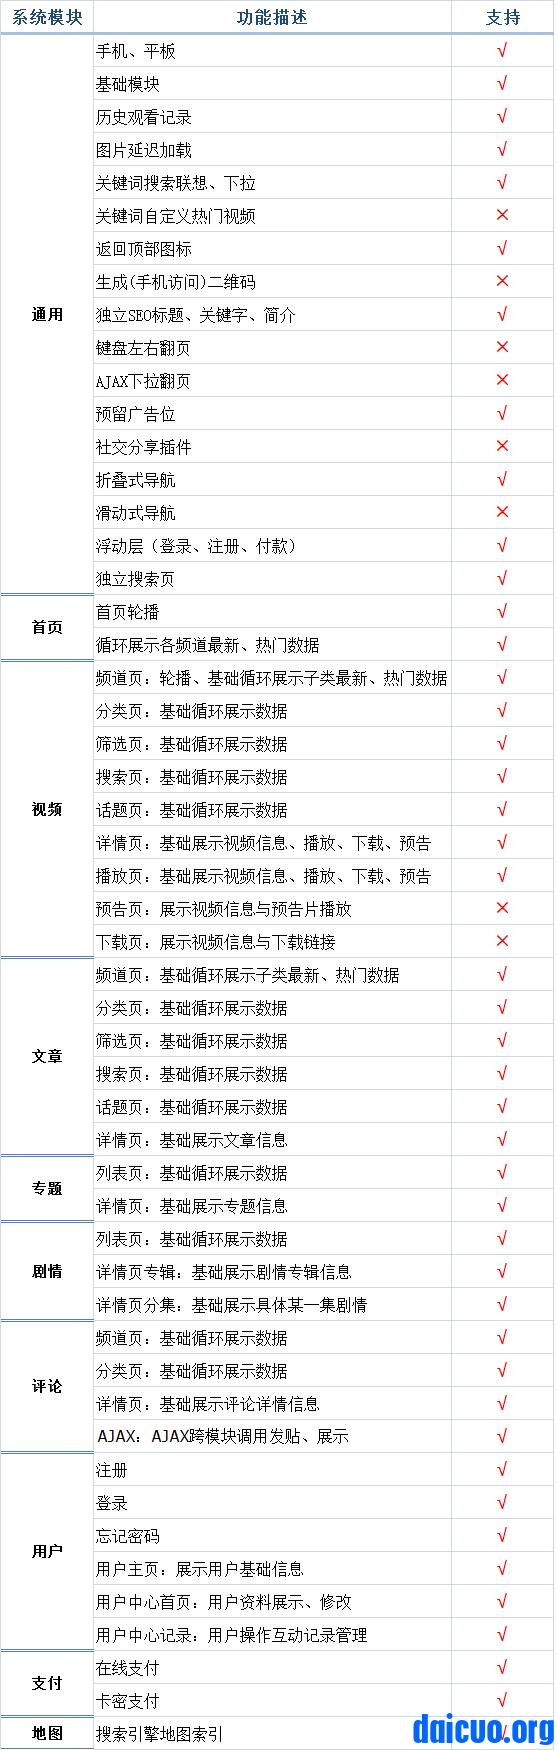 功能列表.png